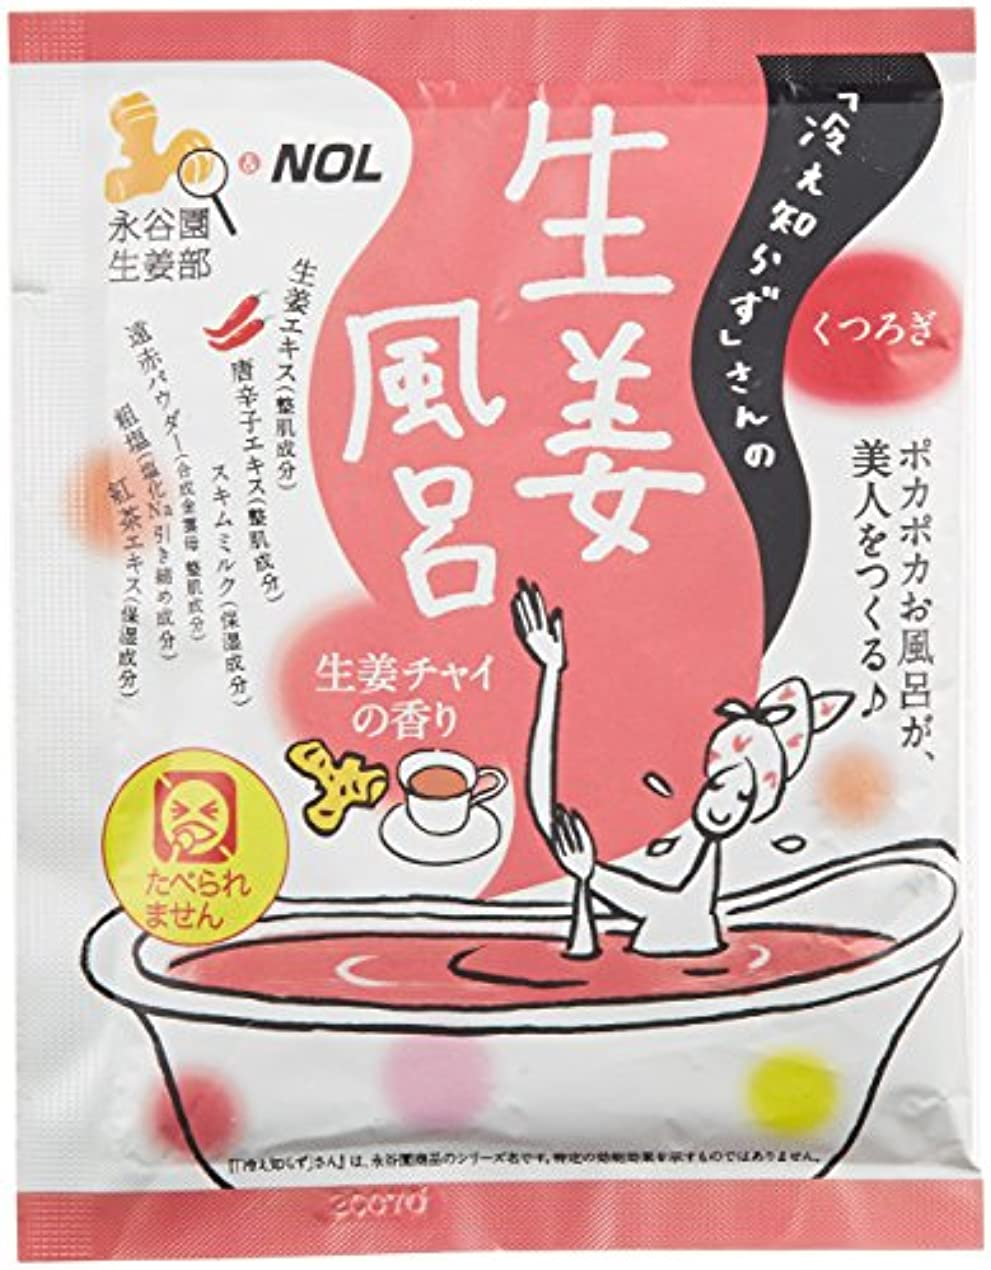 粘着性個人簡略化するノルコーポレーション 入浴剤 冷え知らずさんの生姜風呂 40g 生姜チャイの香り NGT-1-03